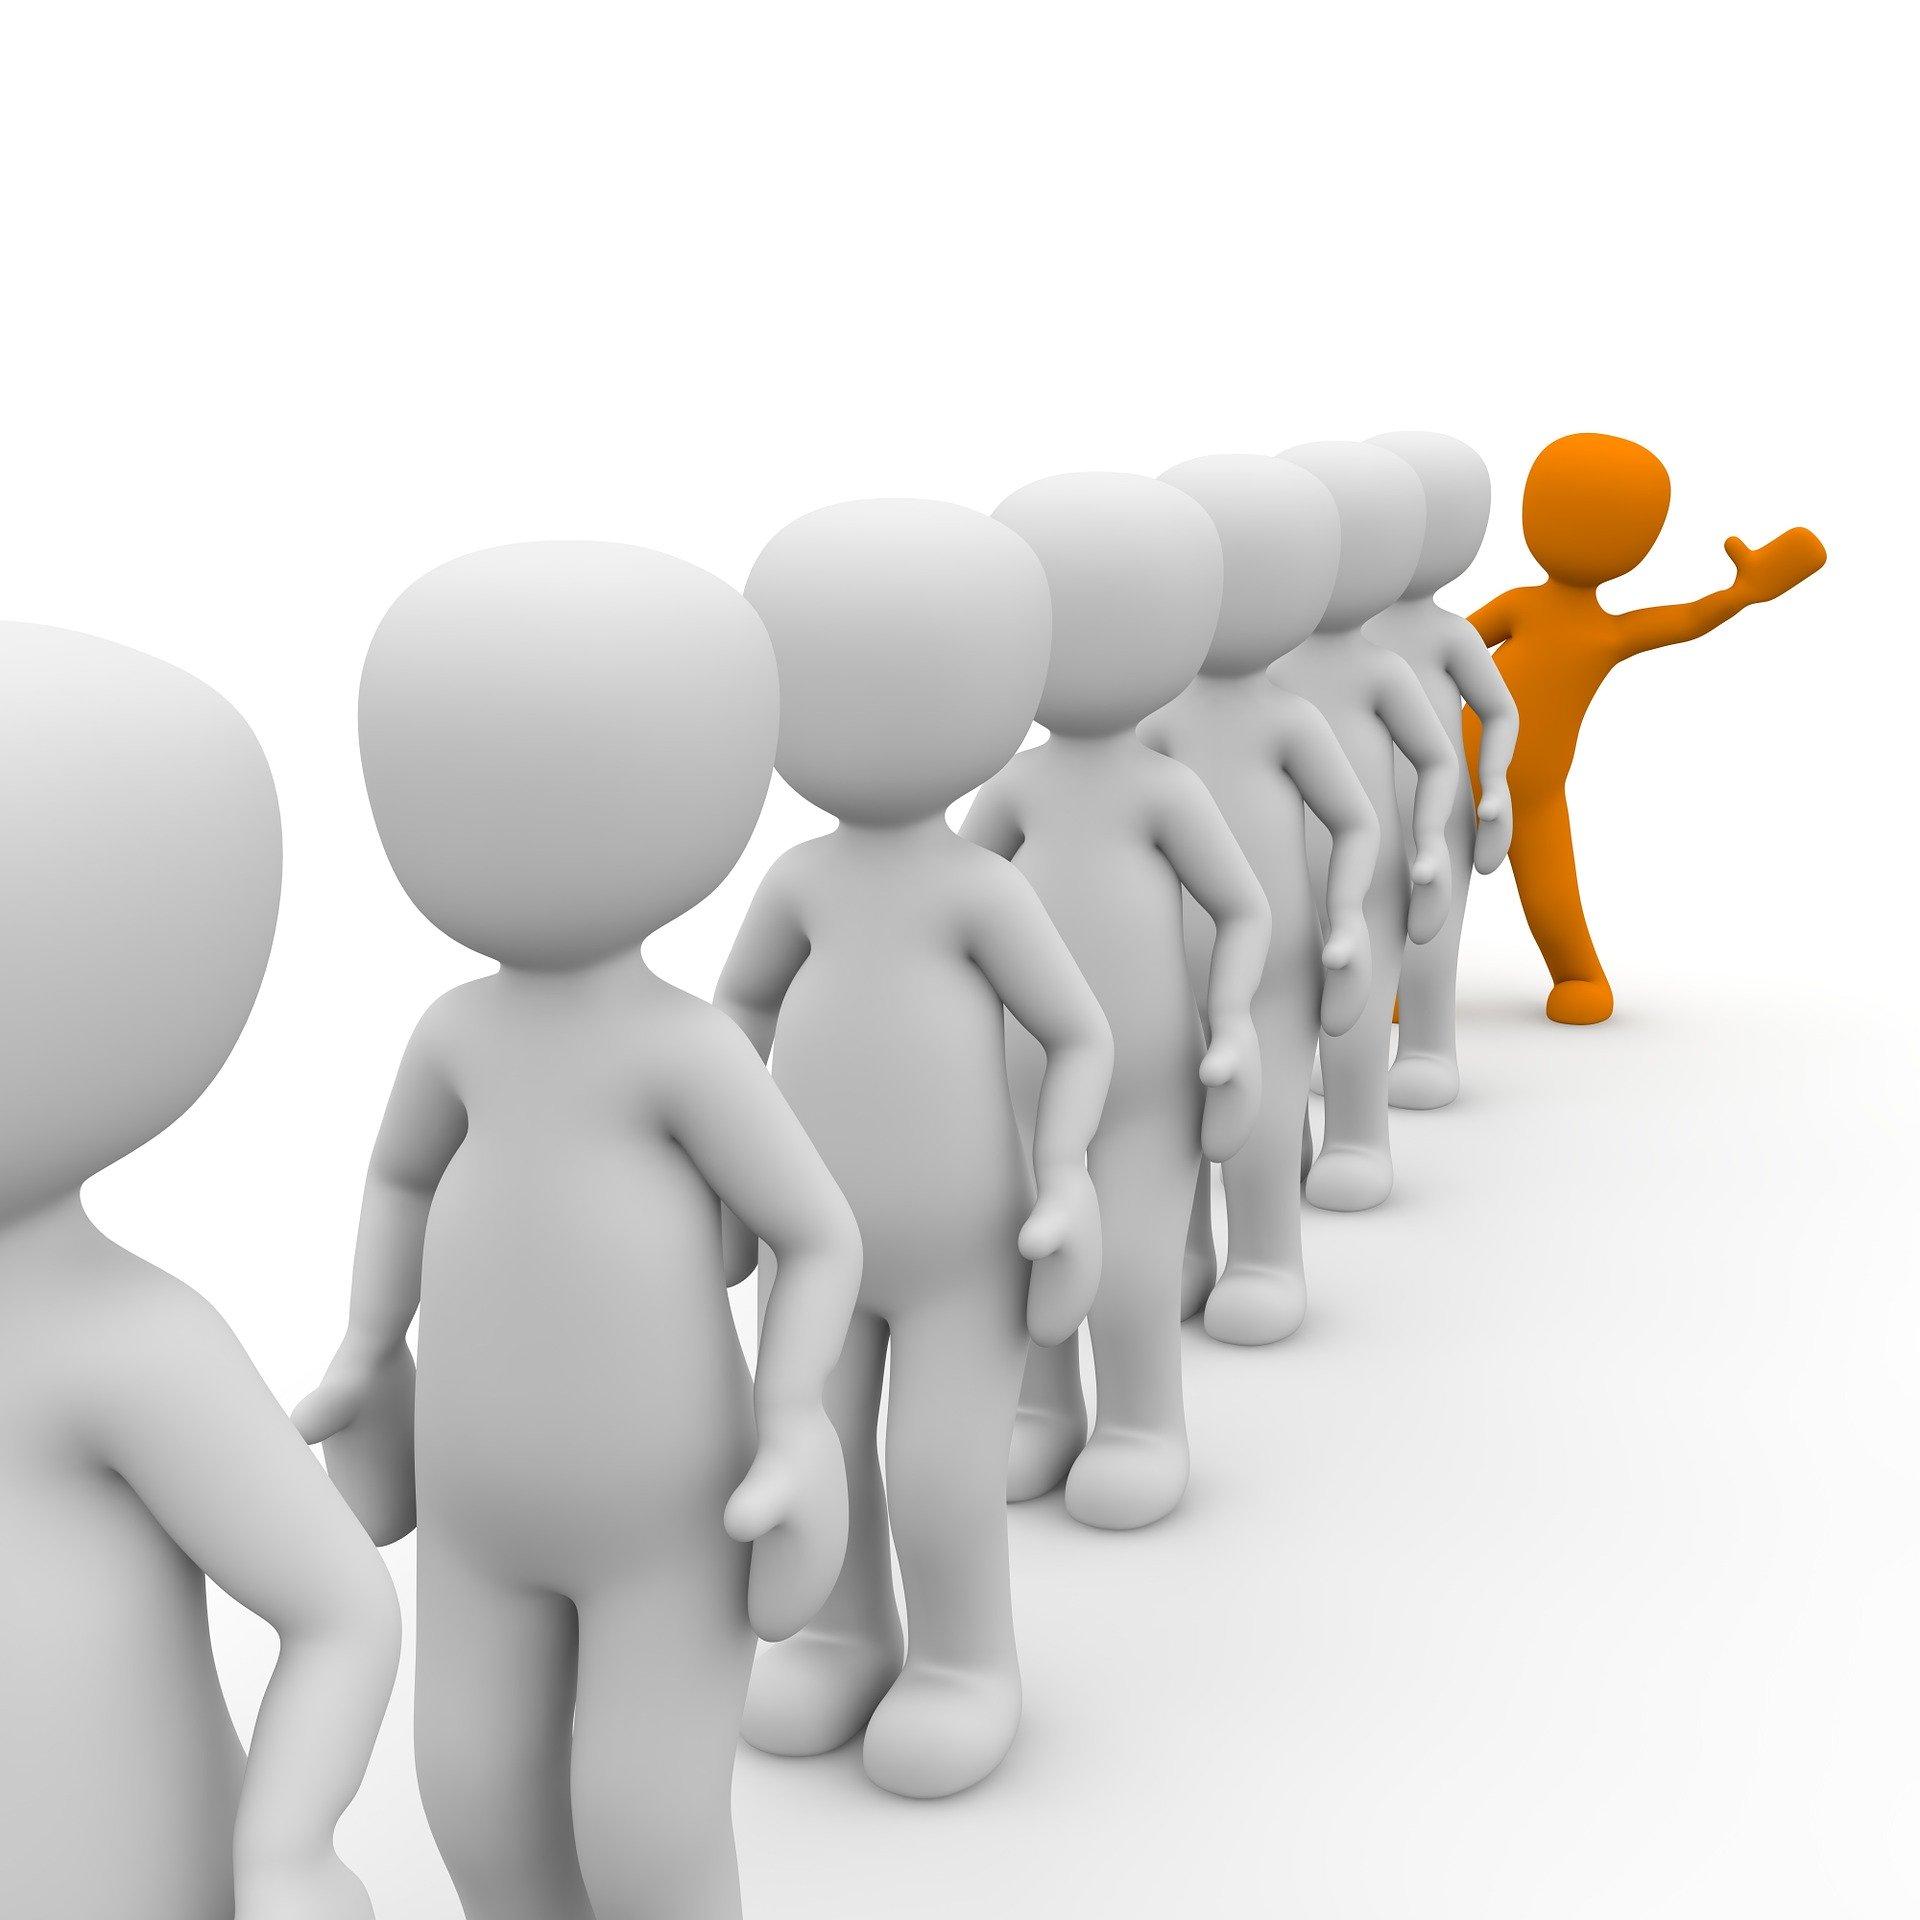 Щодо вимог до учасника, які включено замовником до проекту договору